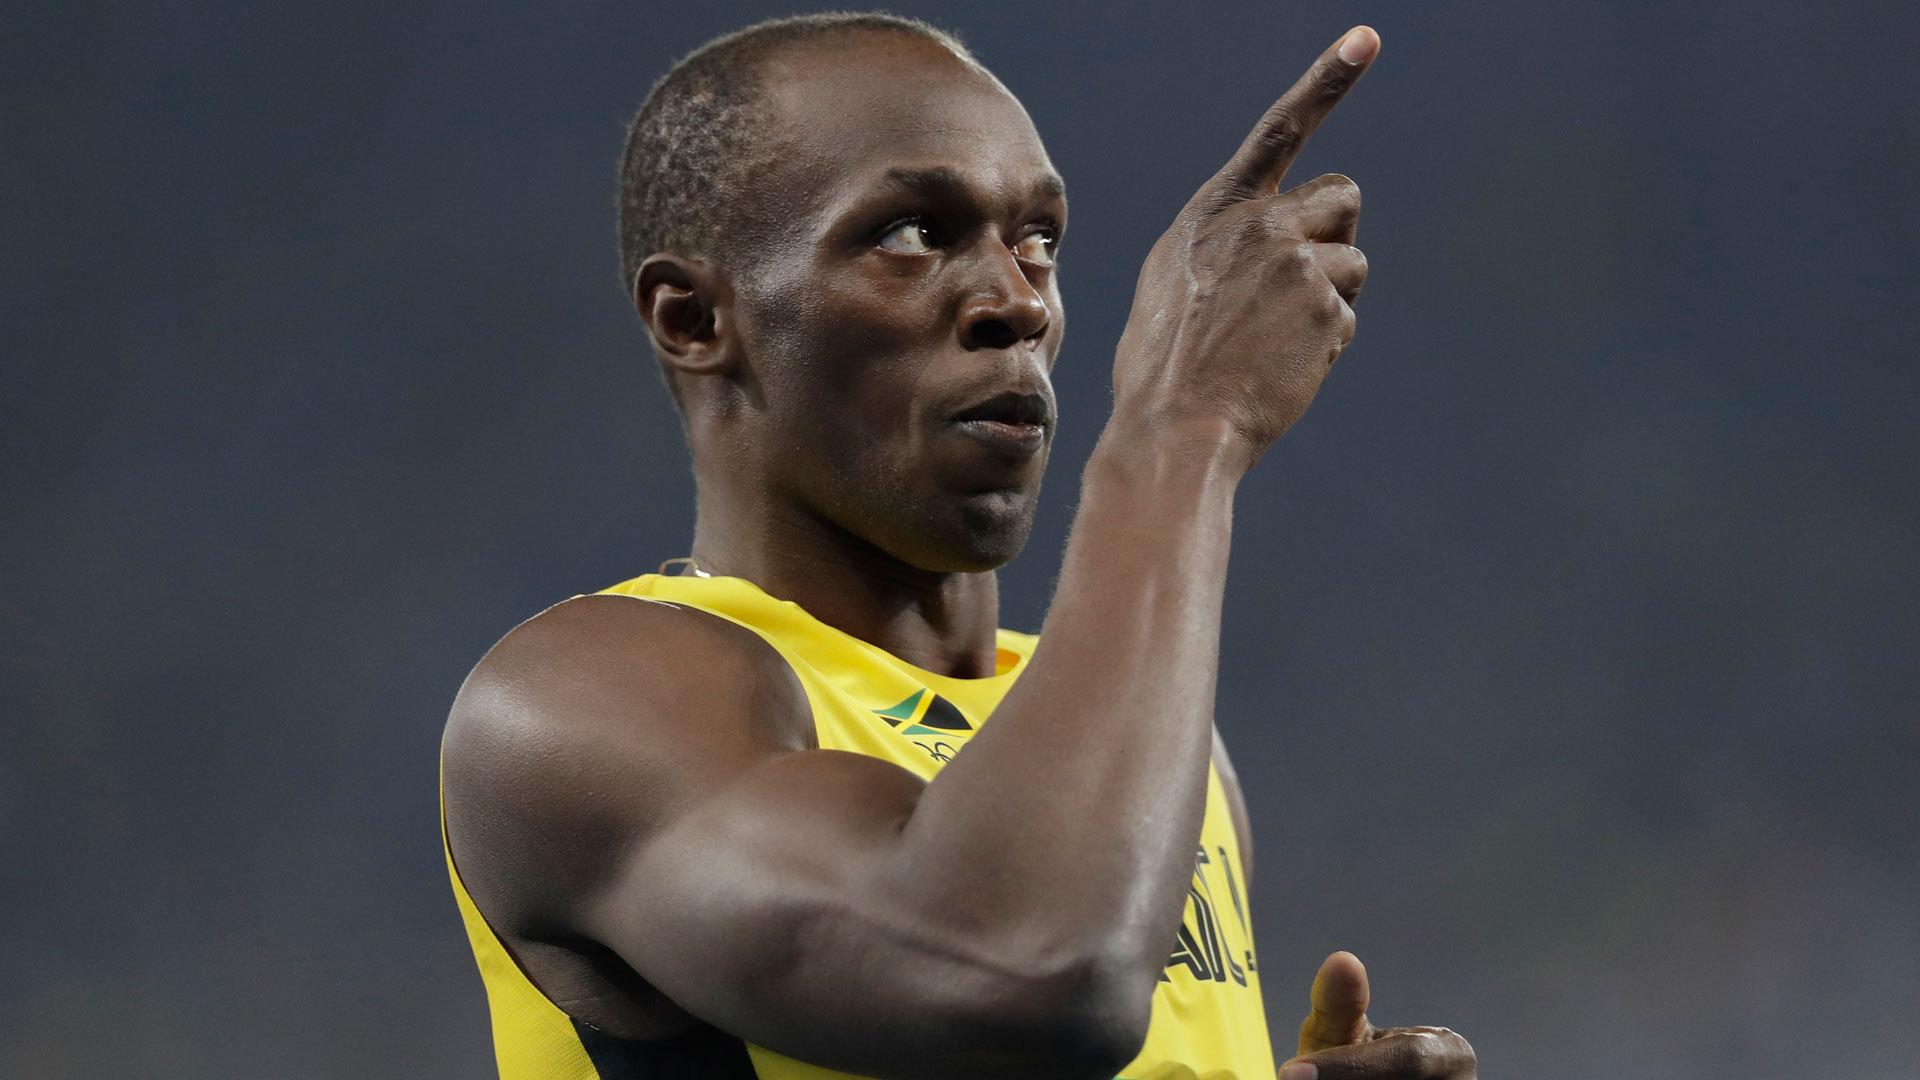 Usain Bolt HD Desktop